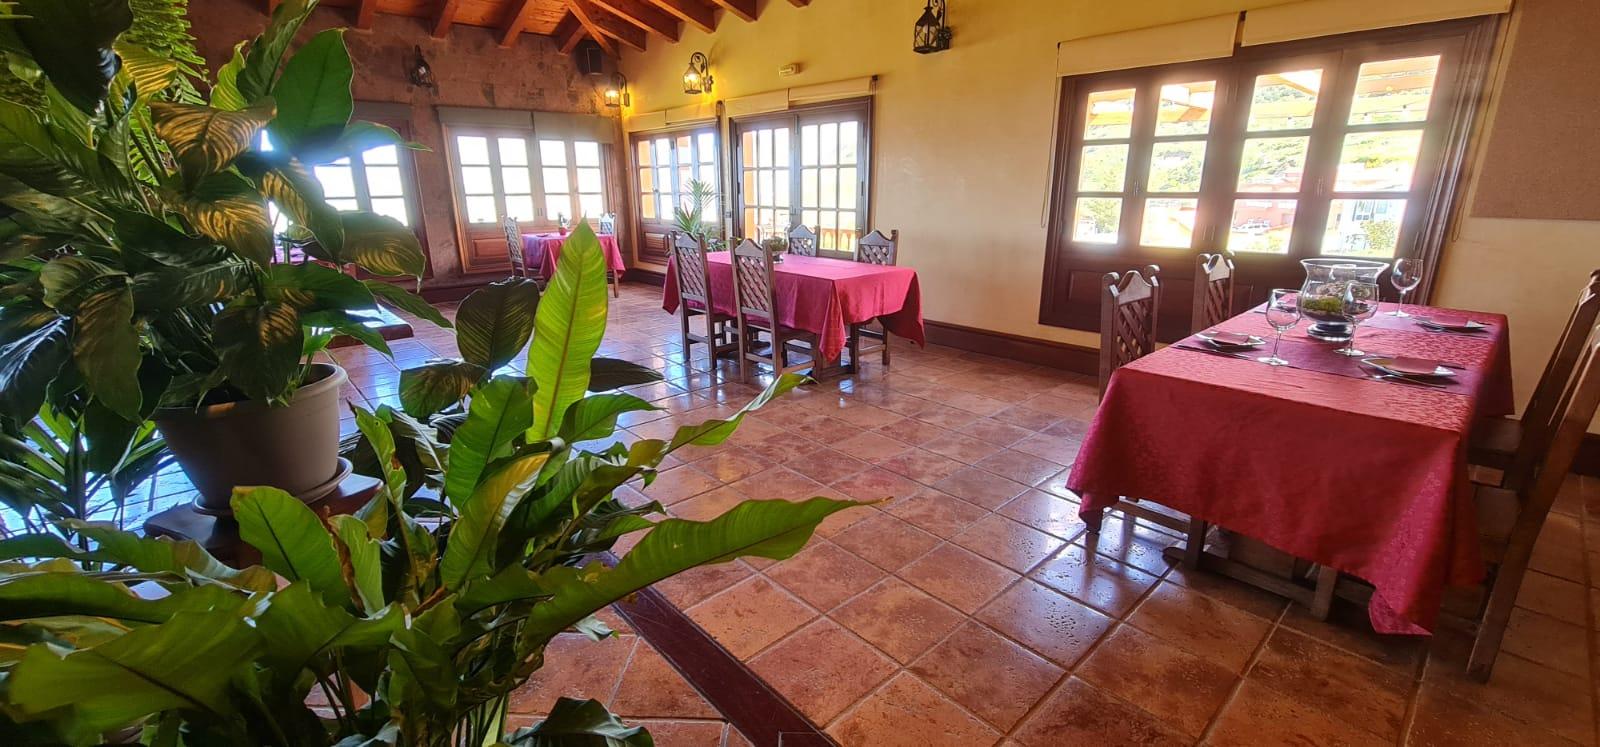 Una nueva propuesta gastronómica, el Restaurante la Cepa 18, en Bodegas El Lomo